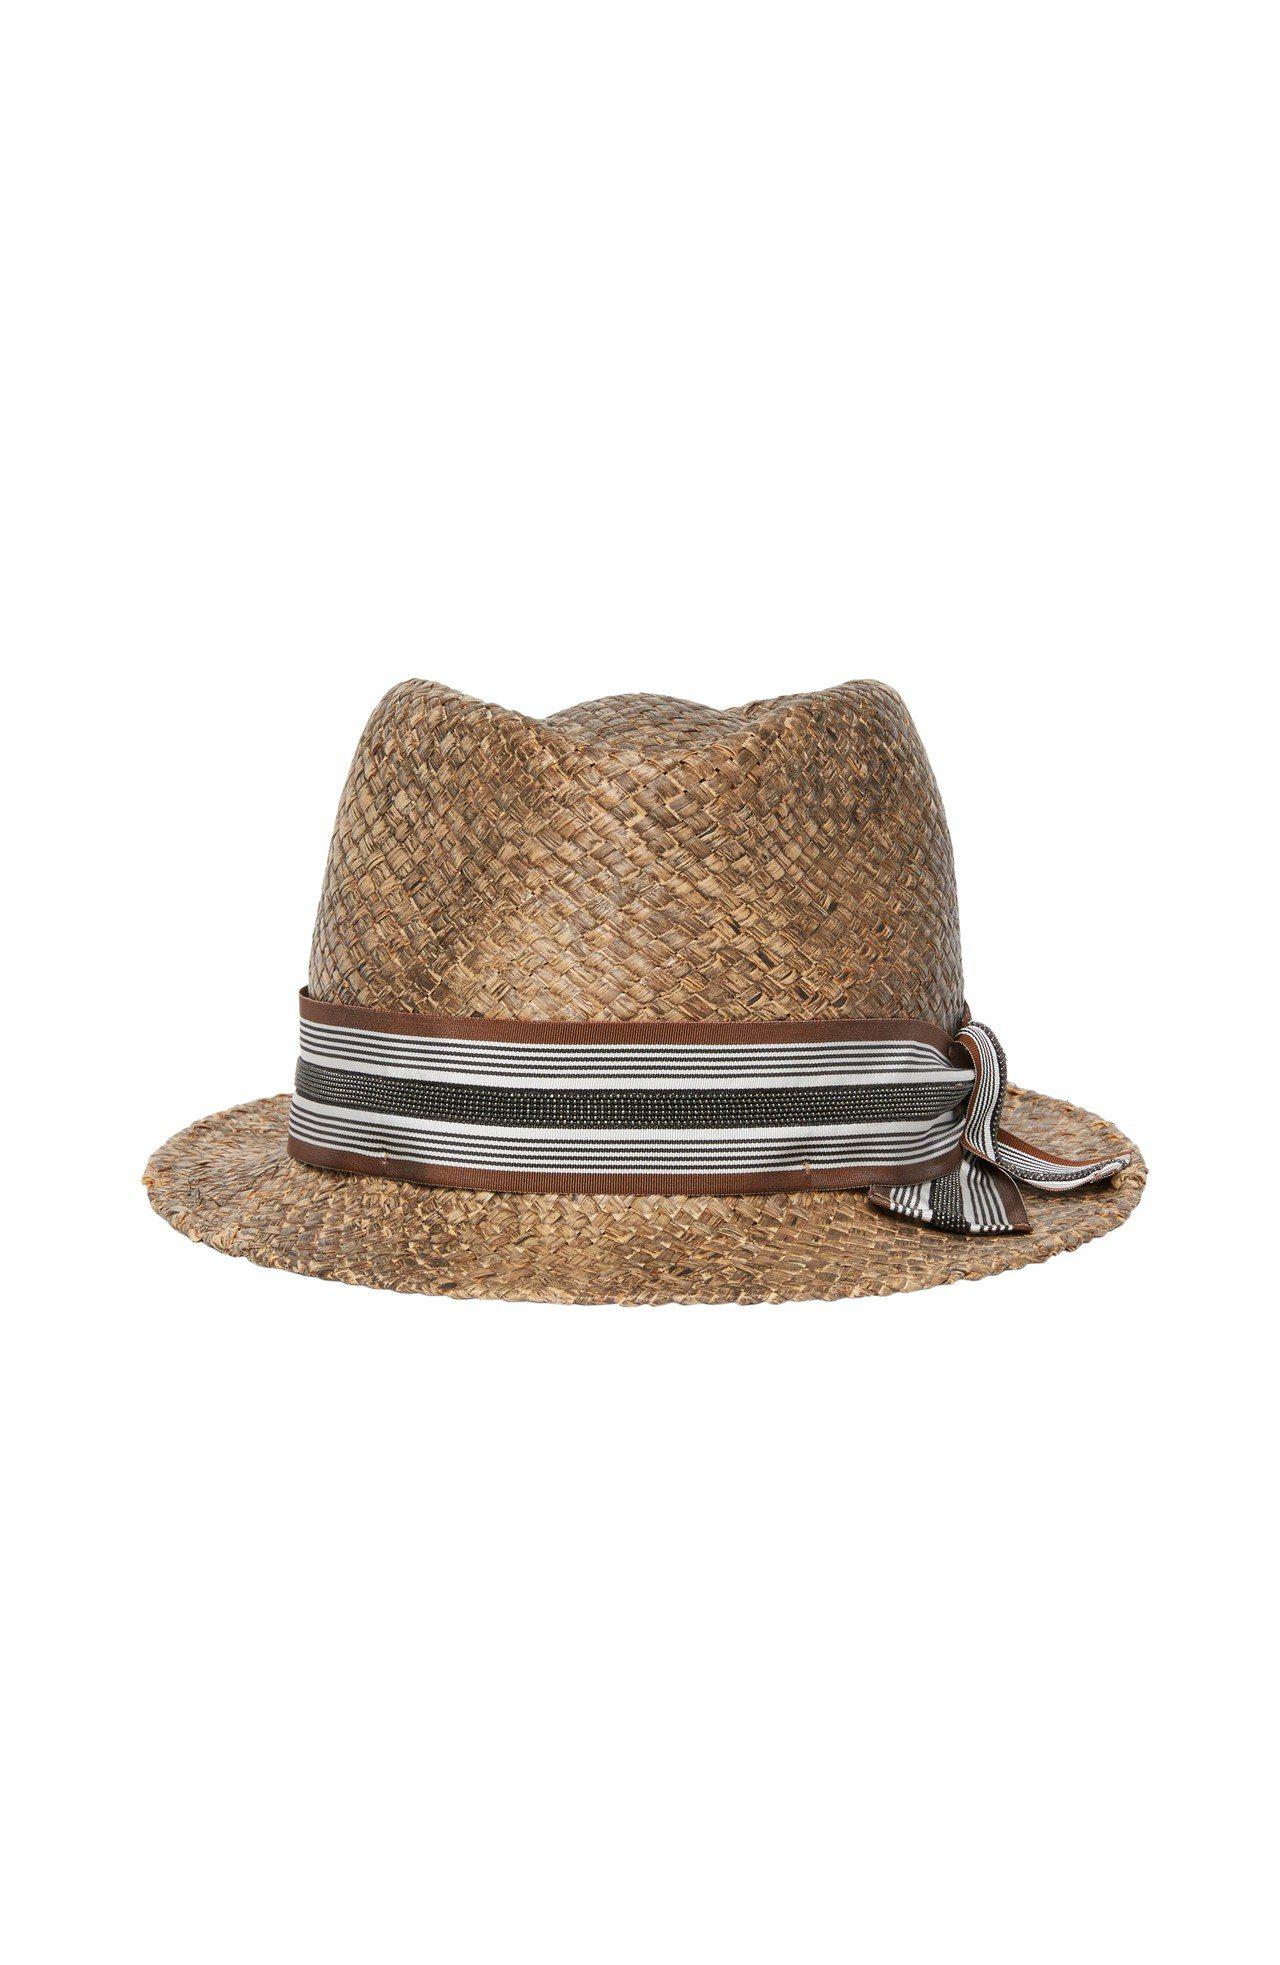 女裝直紋緞帶草帽,售價25,400元。圖/BRUNELLO CUCINELLI提...